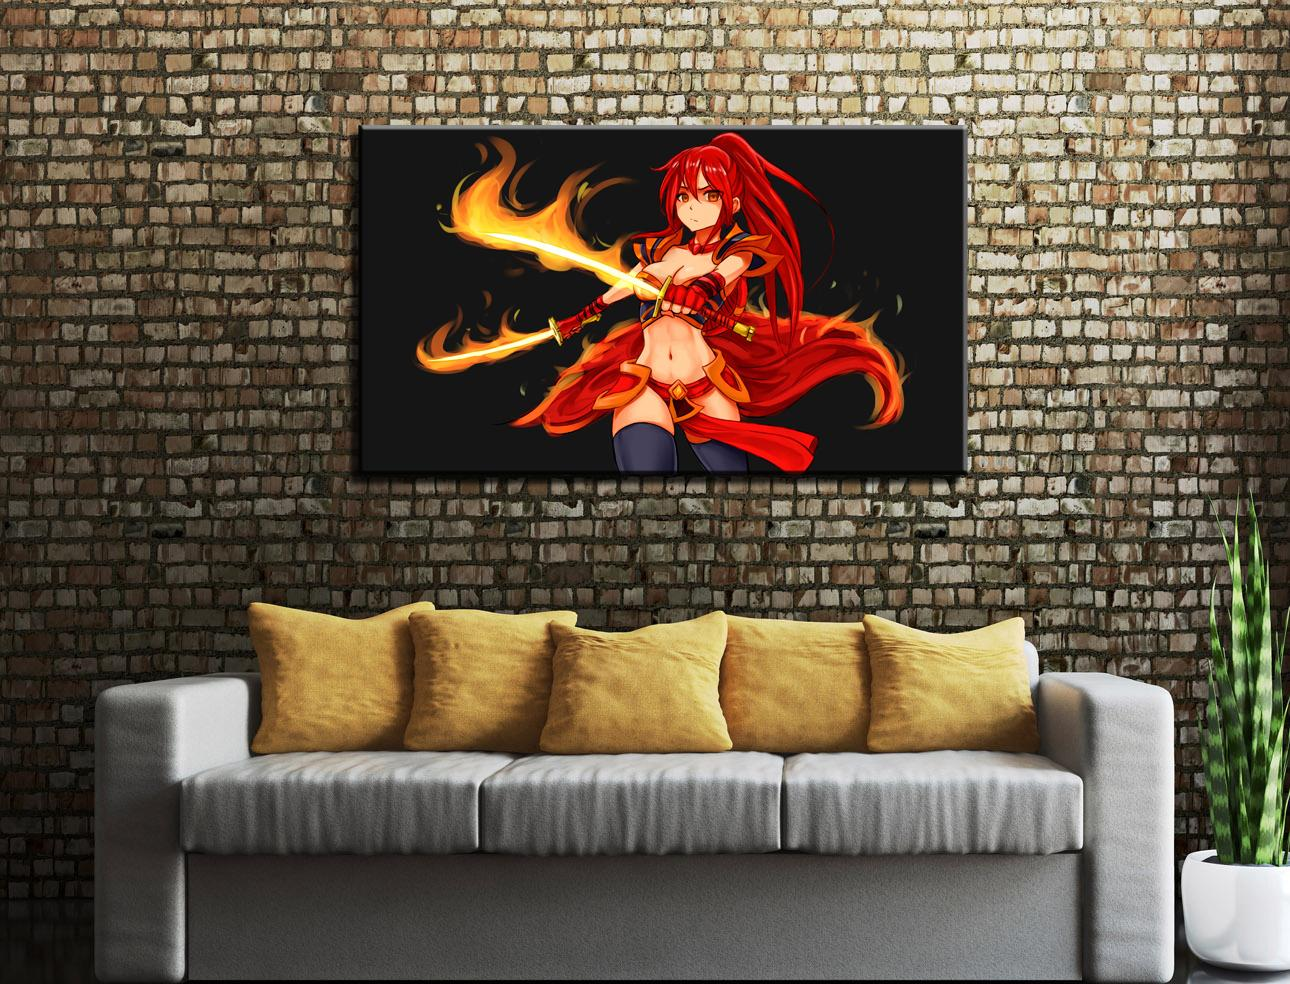 Dota 2 Girls Anime -1, Pintura em tela HD Printing New Home Decoração Arte / Unframed / emoldurados